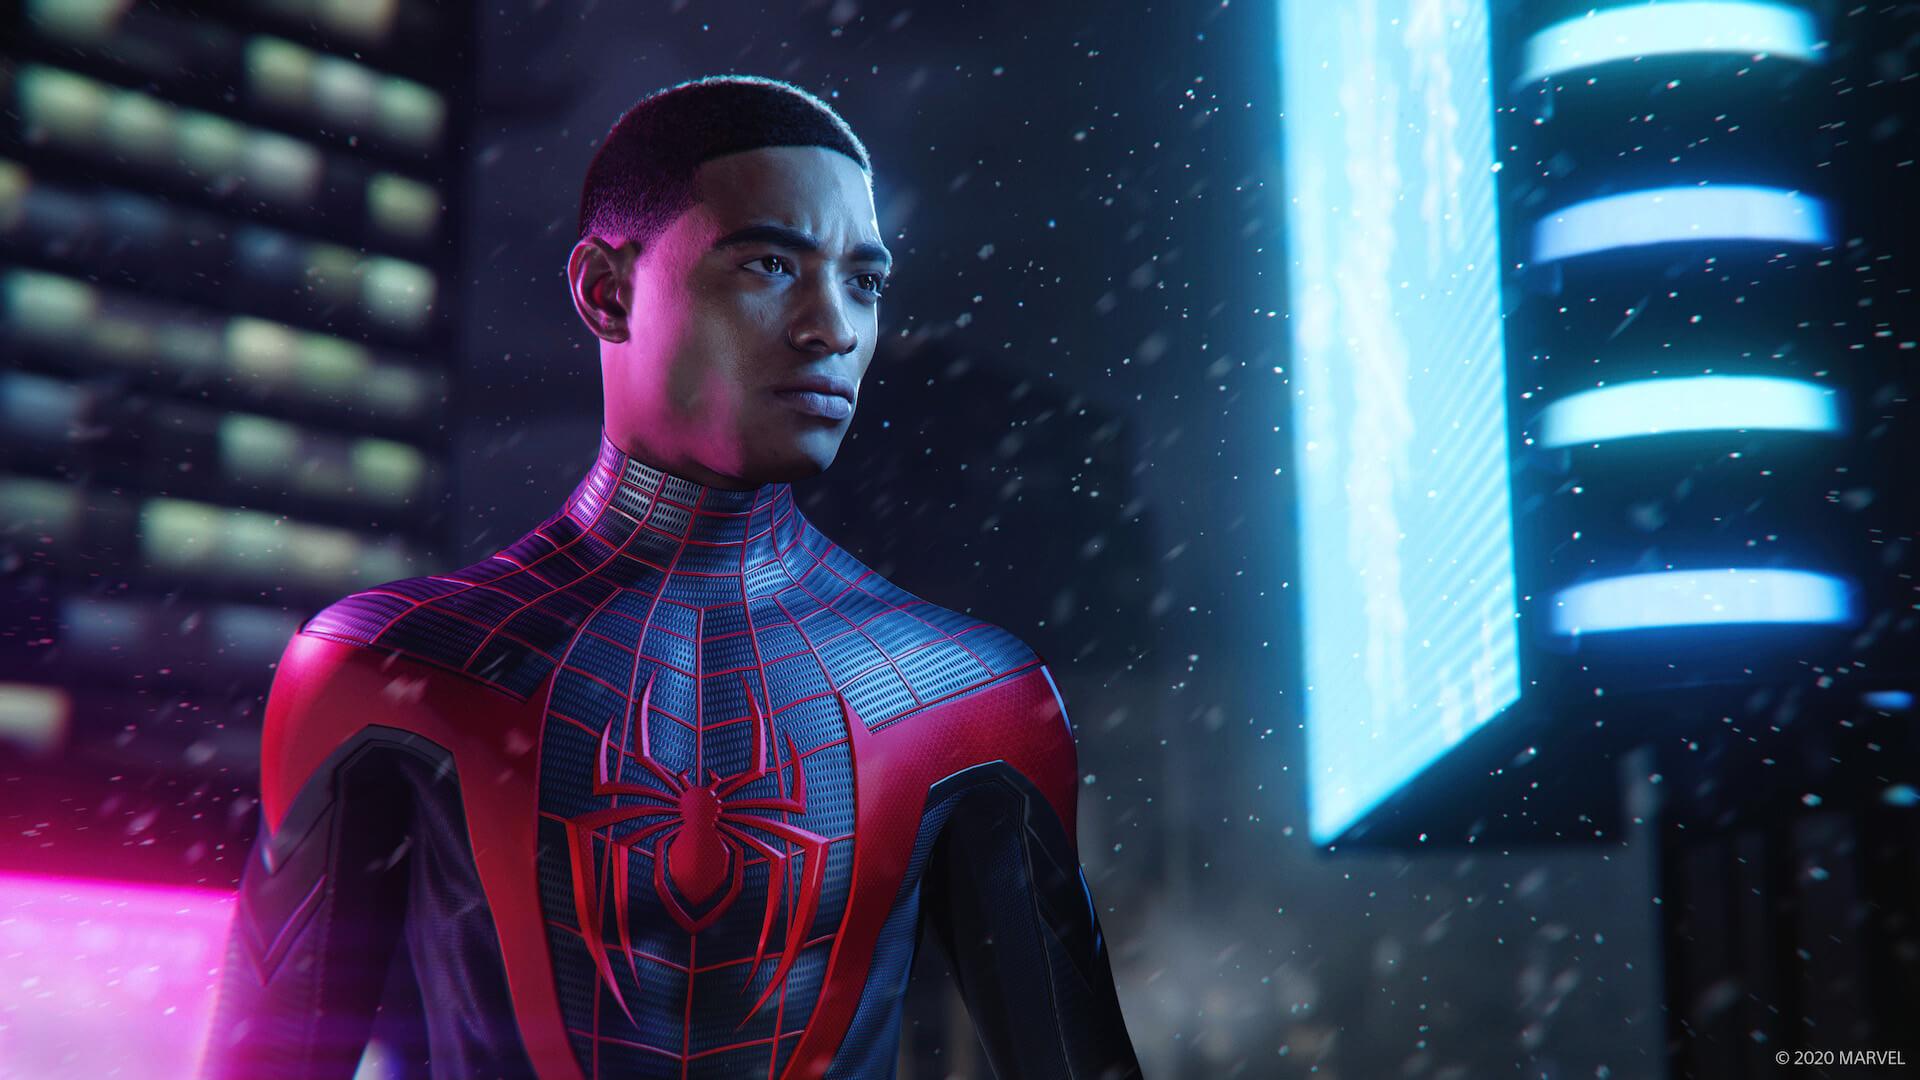 『スパイダーマン』のマイルズ・モラレスとなってNYの街を守り抜け!『Marvel's Spider-Man: Miles Morales』が来週ついに発売 tech201106_spiderman_ps5_4-1